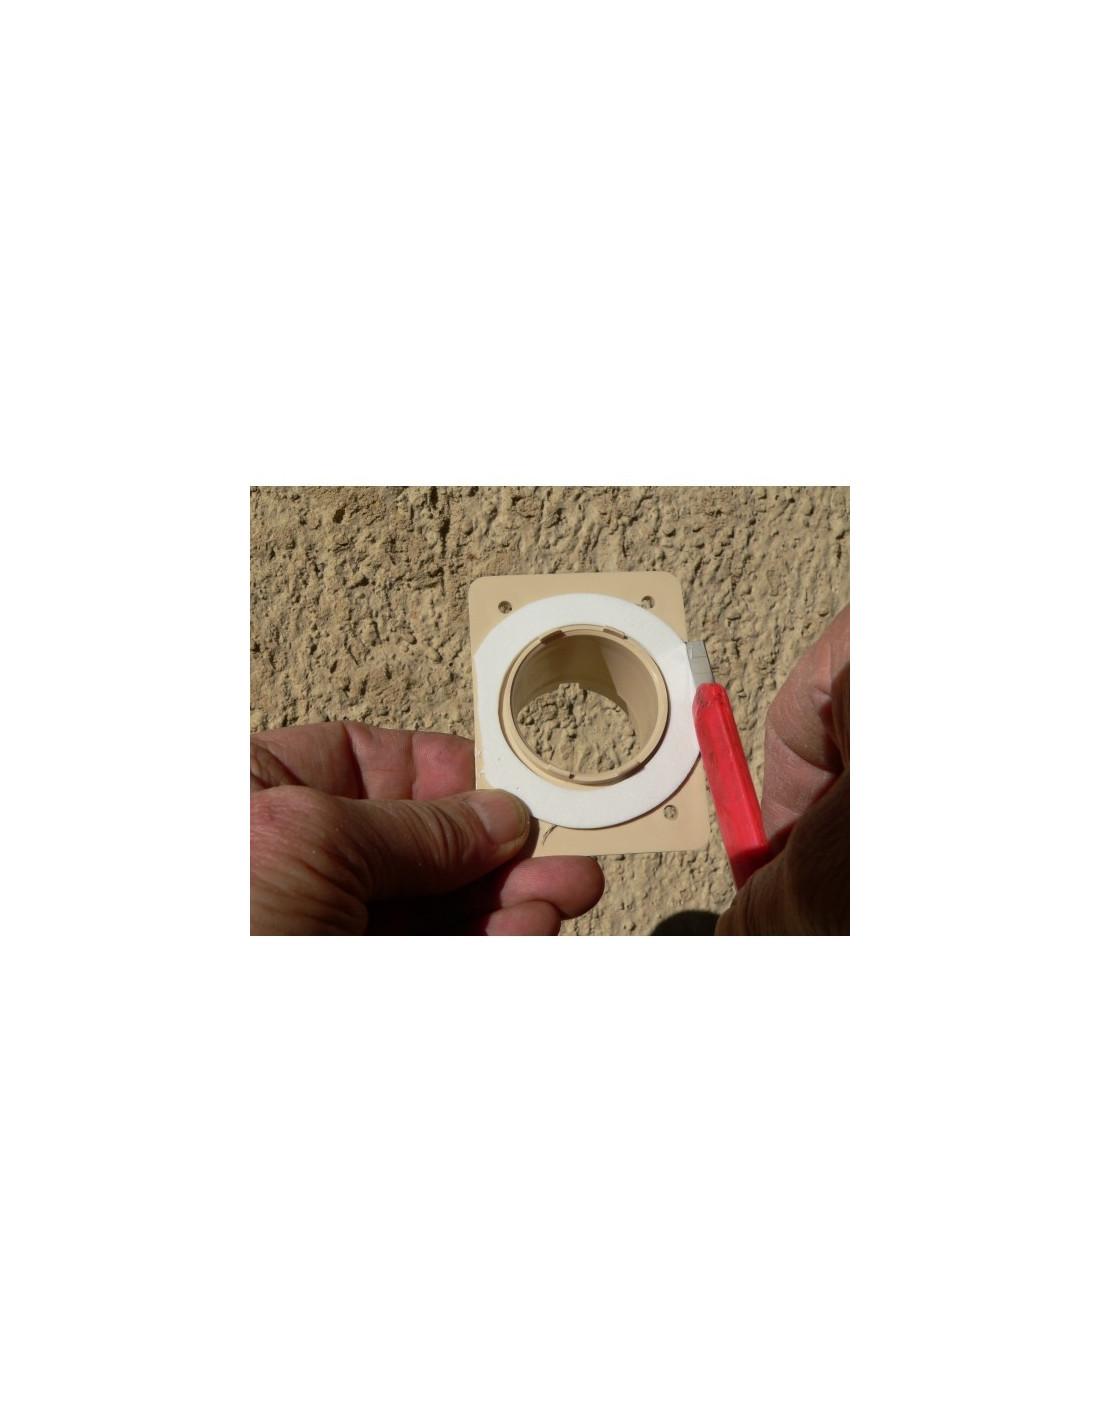 Kit collecteur rectangulaire eau de pluie capt 39 eau sable multicuves c - Collecteur eau de pluie gouttiere rectangulaire ...